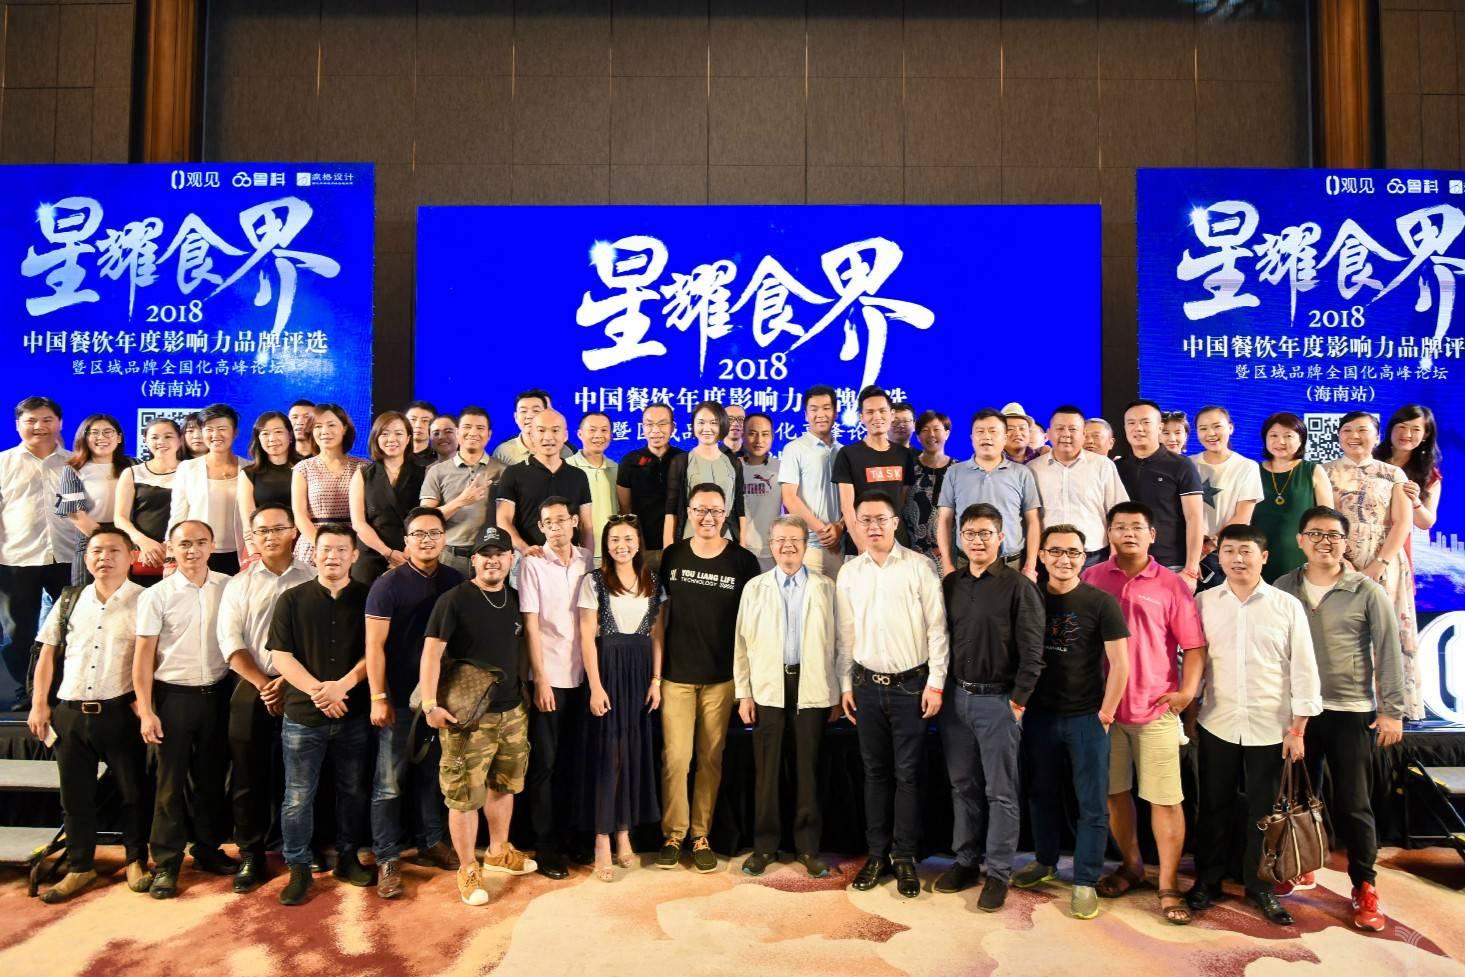 【星耀食界】2018中国餐饮年度影响力品牌评选海南站完美收官